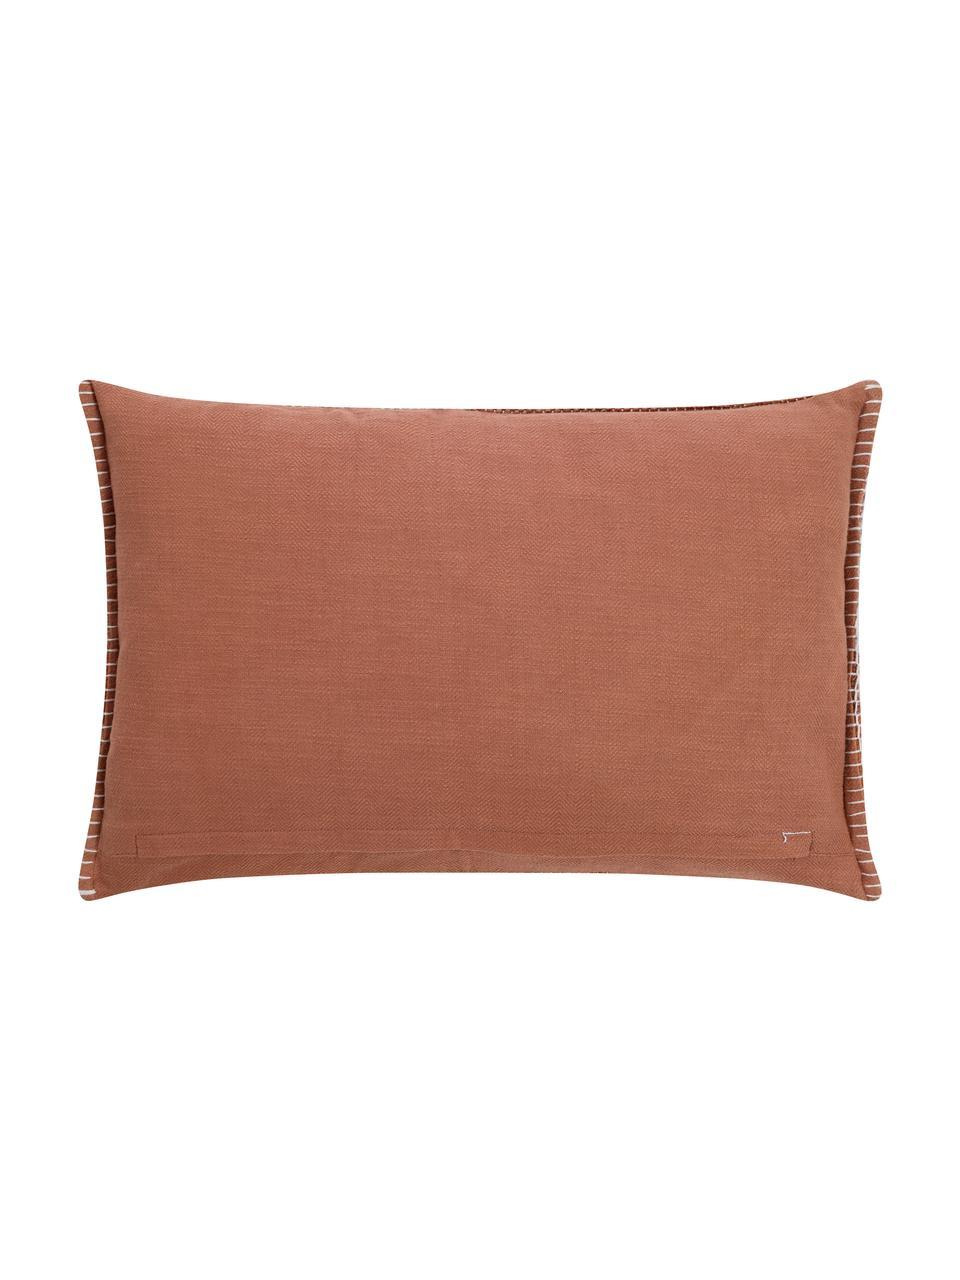 Gemusterte Kissenhülle Nouria mit Struktur-Oberfläche, Vorderseite: 100% Polyester, Rückseite: 100% Baumwolle, Terrakotta, 40 x 60 cm